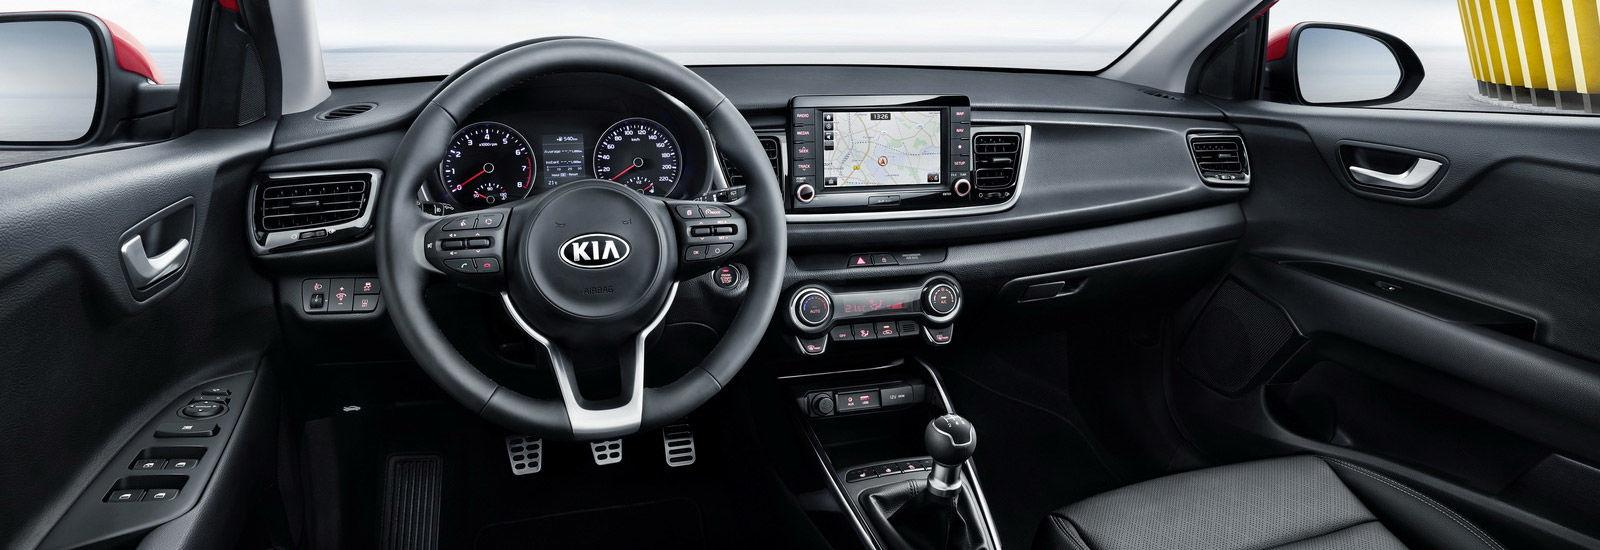 2017 Kia Rio Interior Dashboard Profile